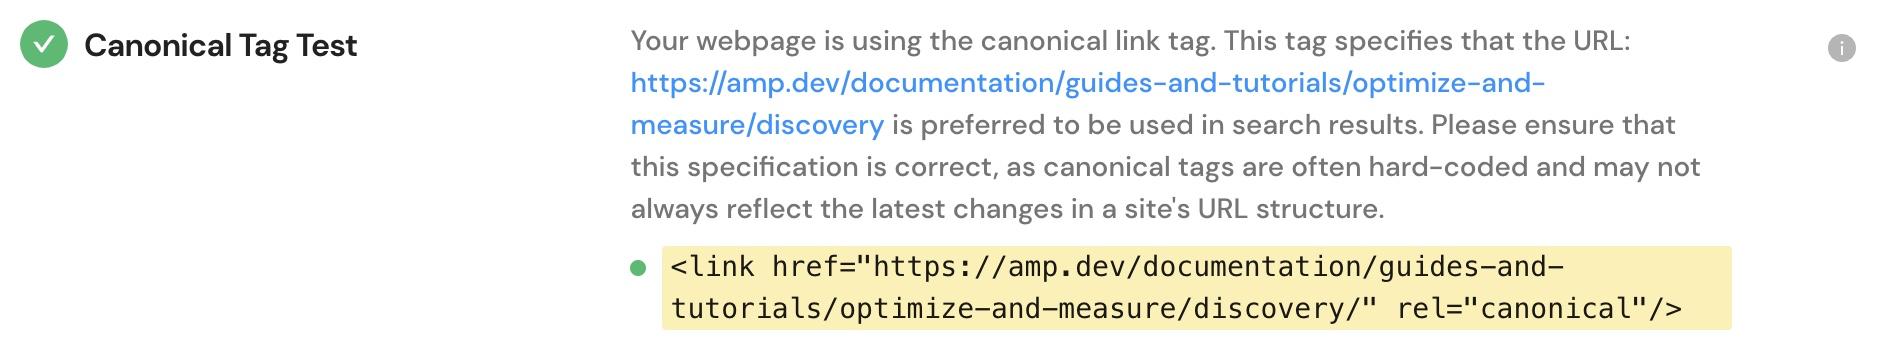 線上測試眾多項目中,取得Canonical設置網址